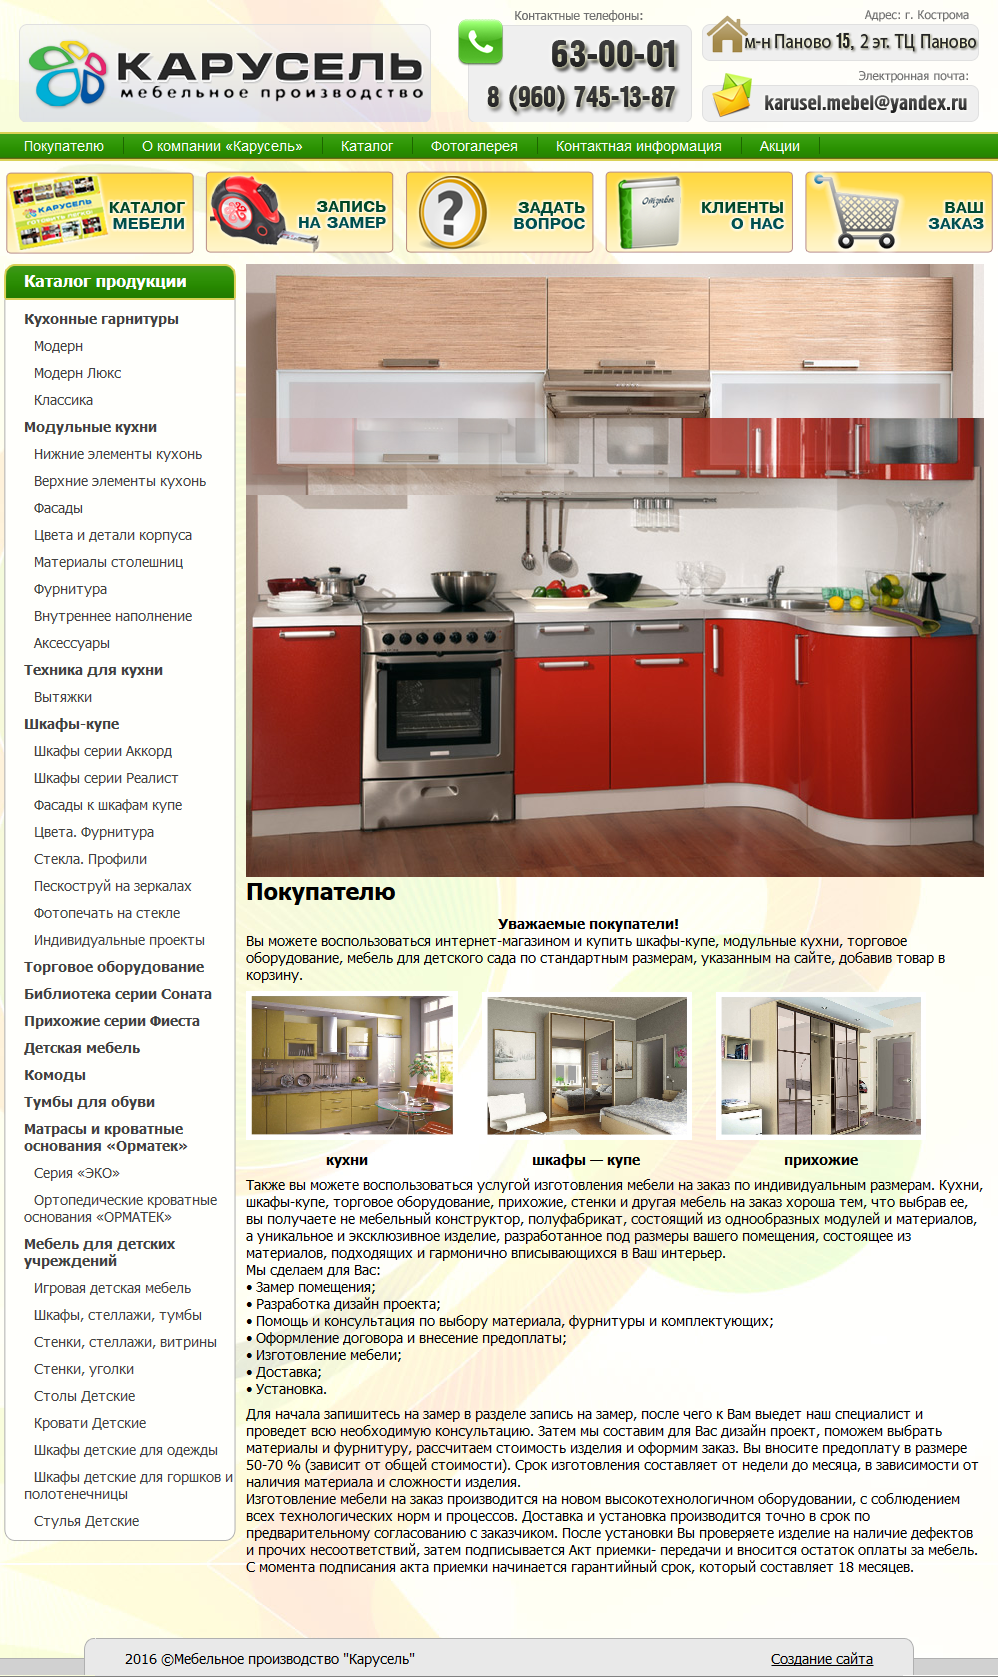 Сайт мебельной компании «Карусель». Создание сайтов в Костроме